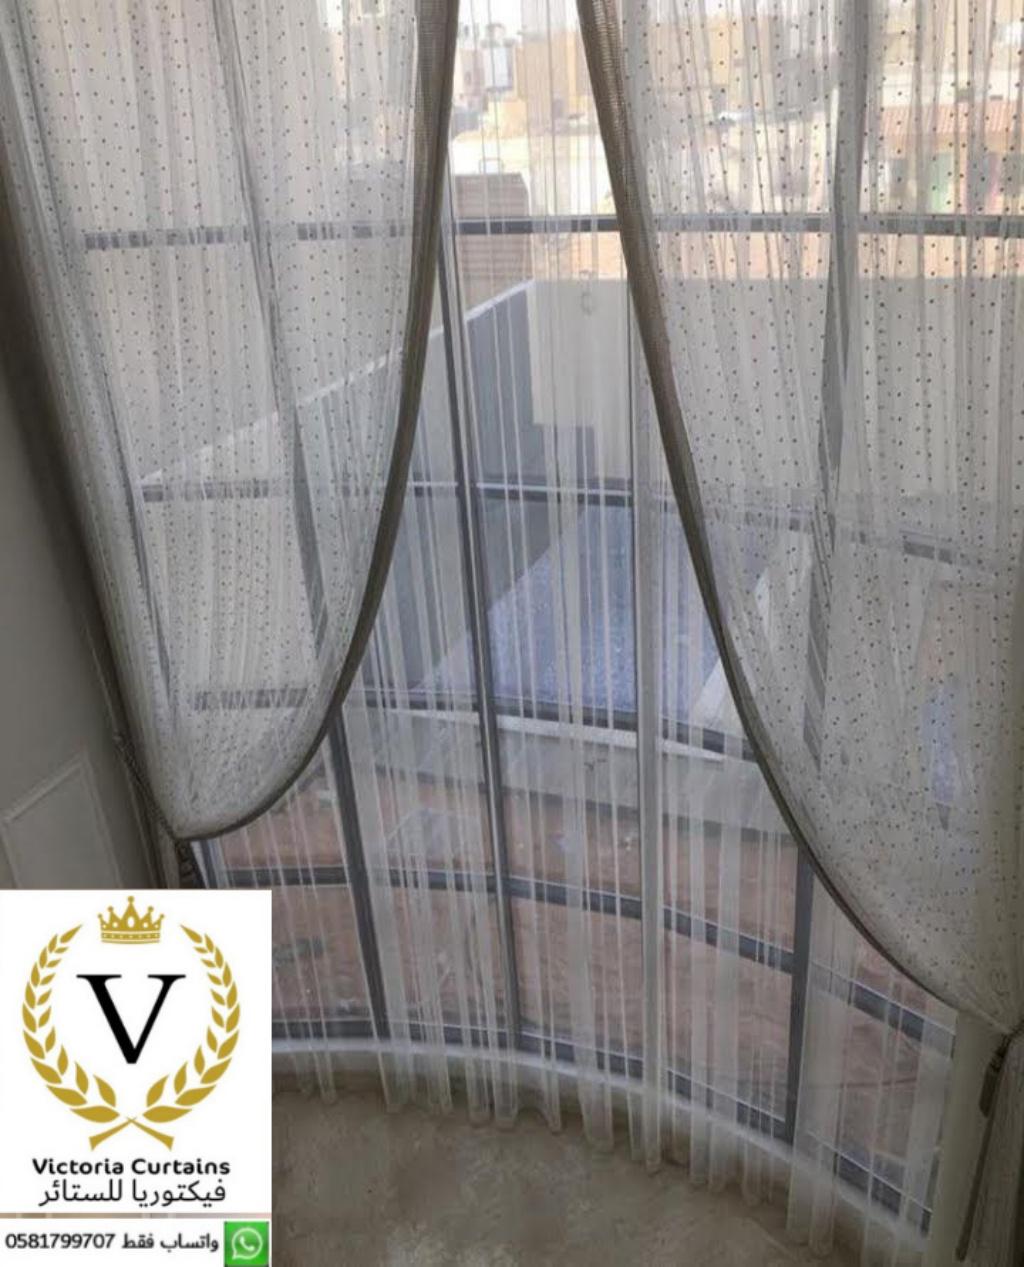 . فيكتوريا لبيع الستائر بالرياض واتس 0581799707 افخم ديكورات تفصيل ستائر في الرياض  P_16988c23j2